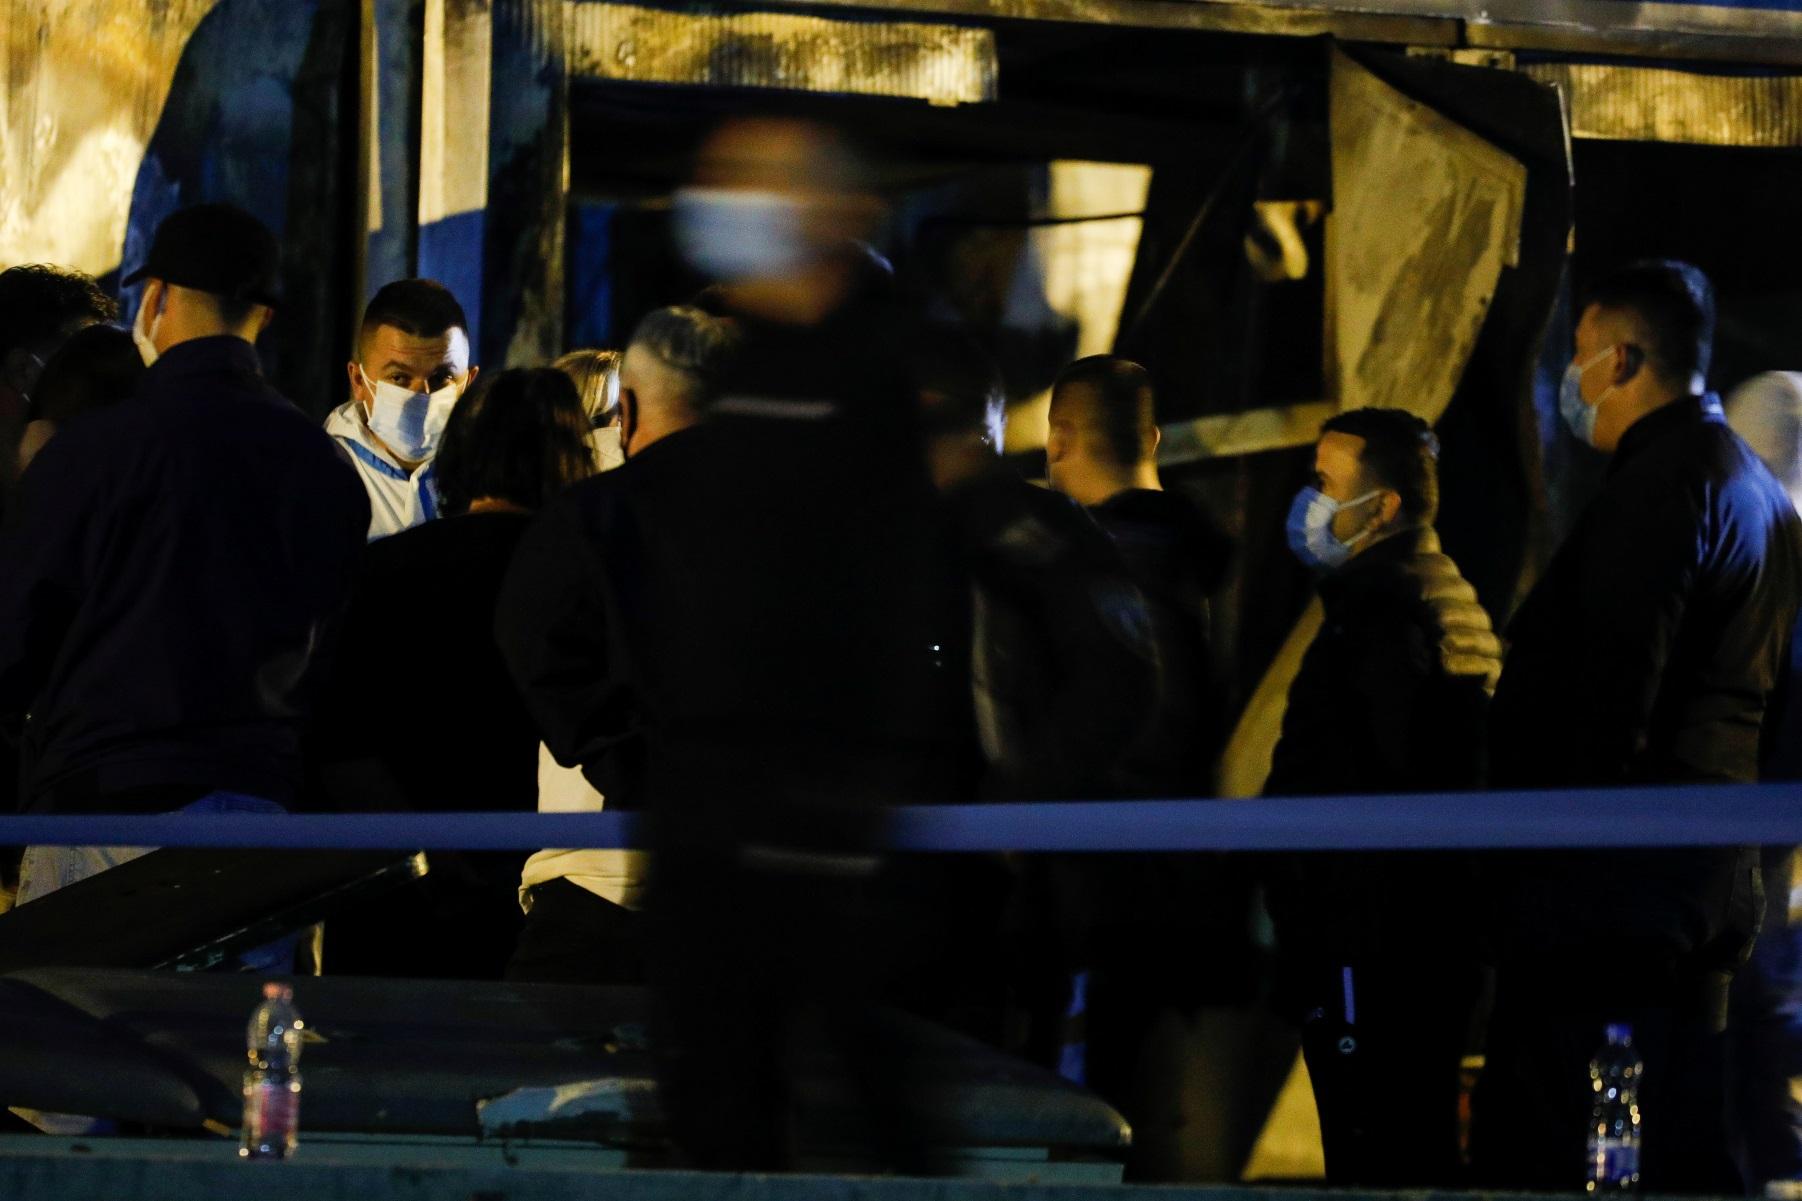 Βόρεια Μακεδονία: Βραχυκύκλωμα προκάλεσε την πυρκαγιά με 14 νεκρούς ασθενείς με κορονοϊό